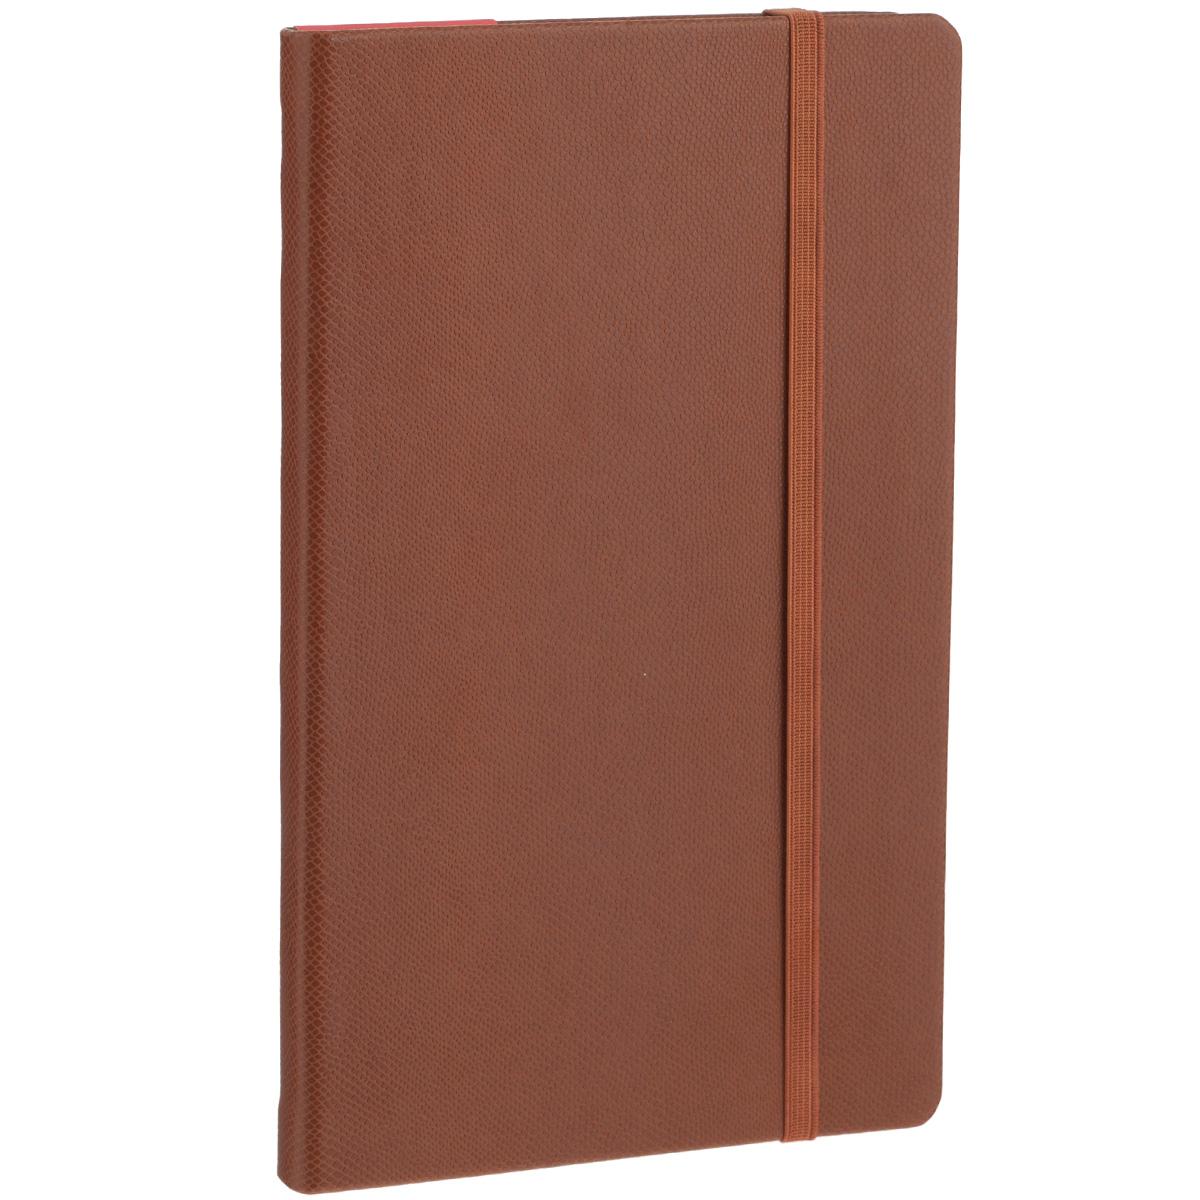 Записная книжка Erich Krause Salamandra, цвет: коричневый, 96 листов лонгслив runika лонгслив salamandra